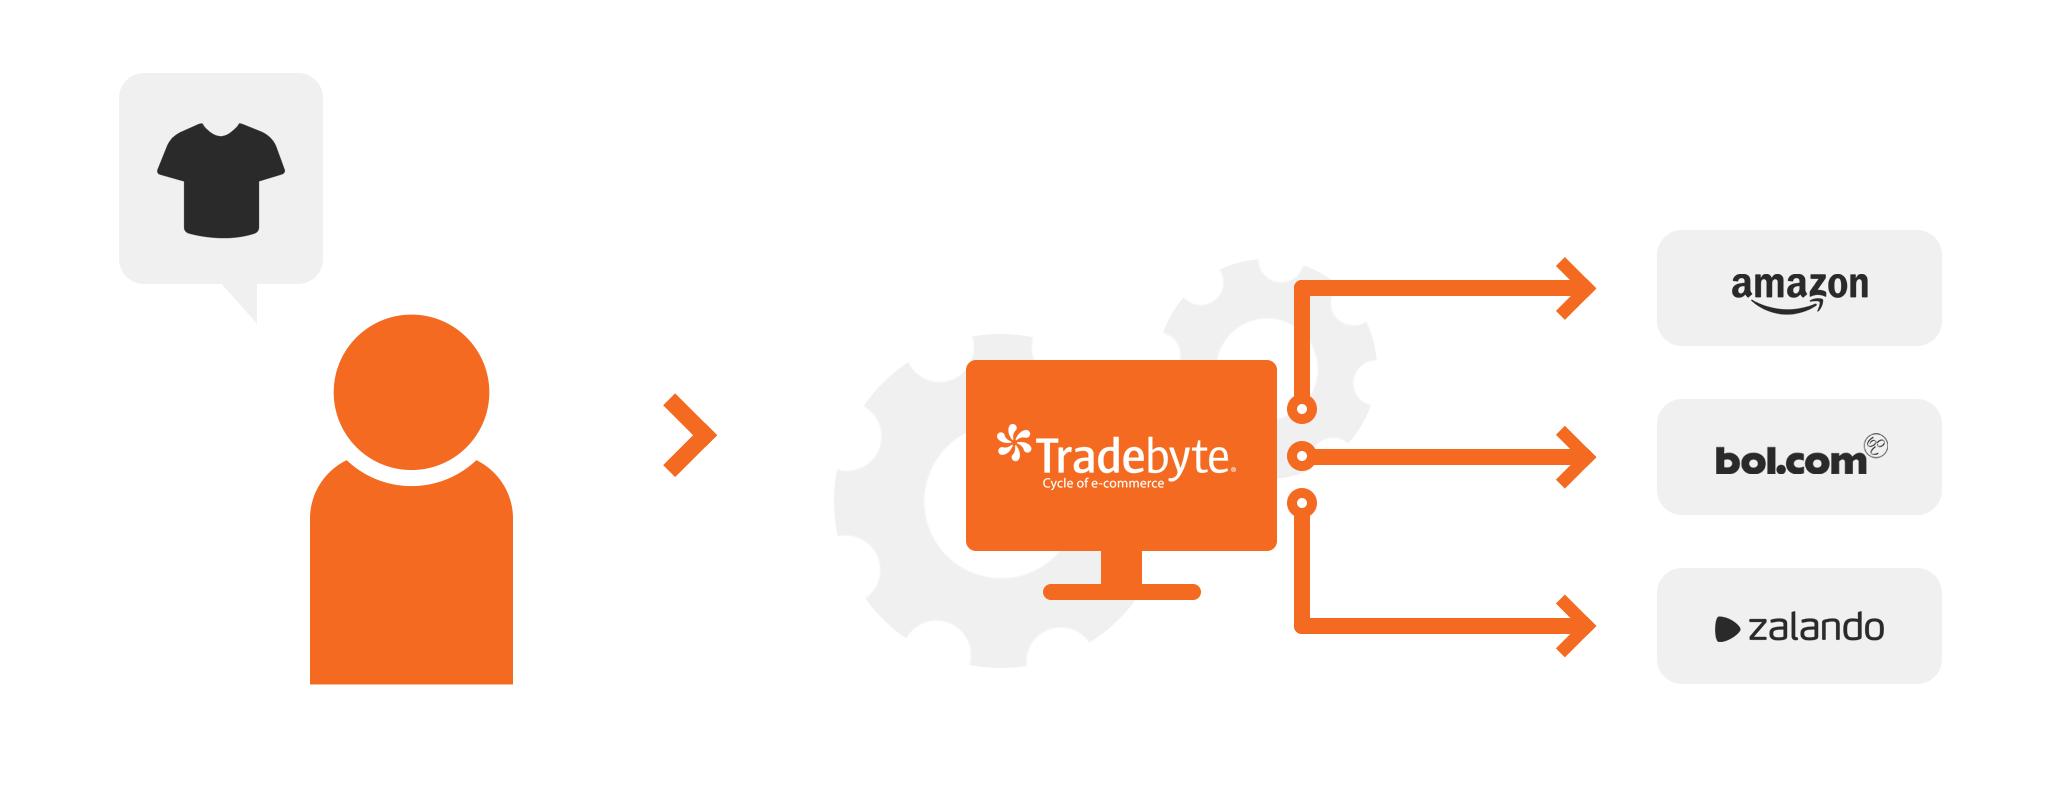 Brandsom Visual - Integratie (TradeByte)